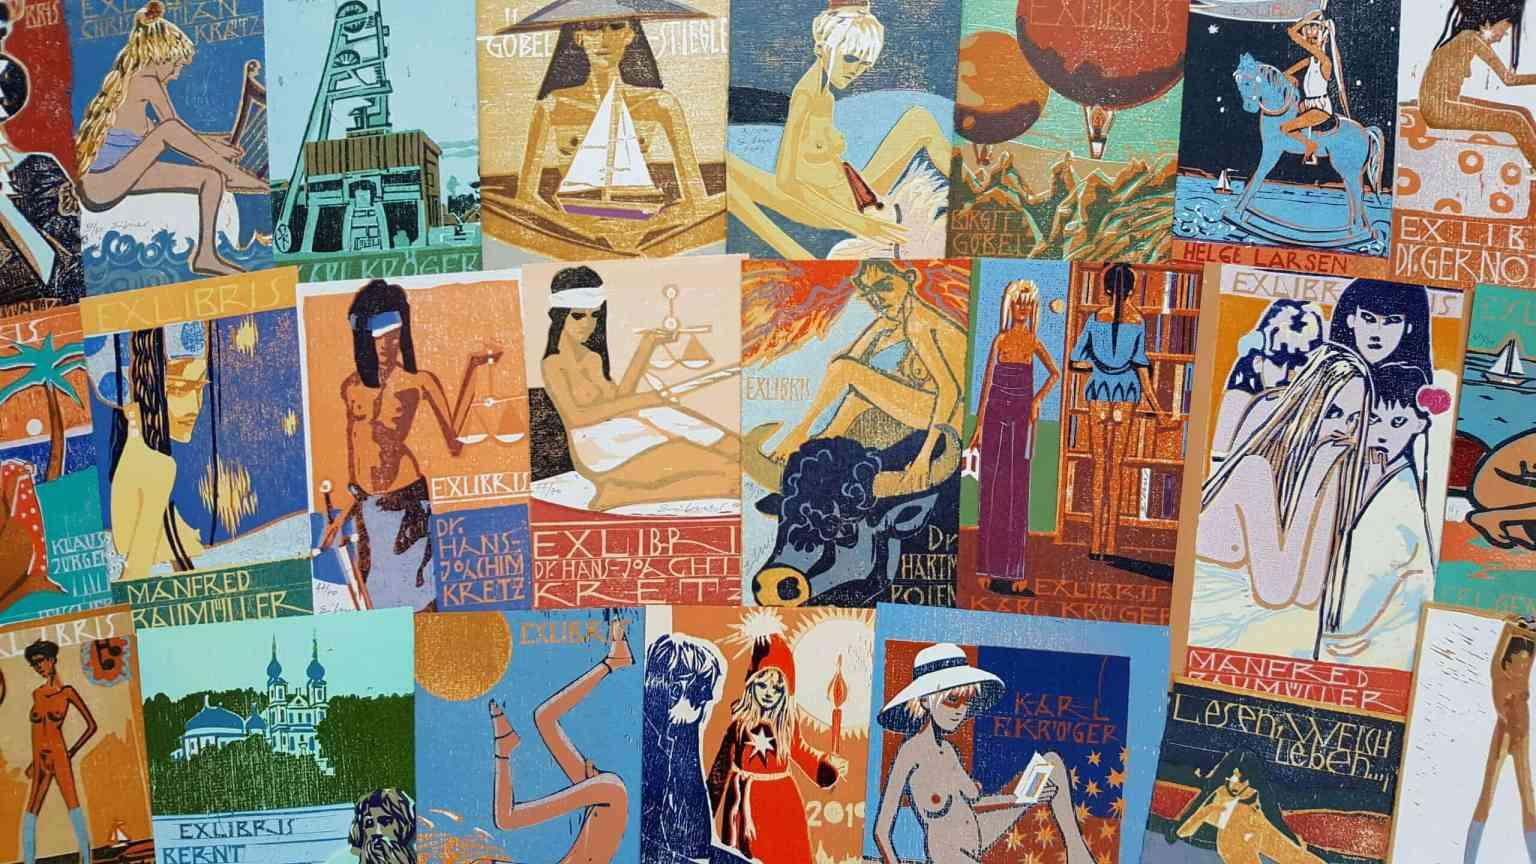 Website Bild Exlibris 2 Sammeln von Exlibris